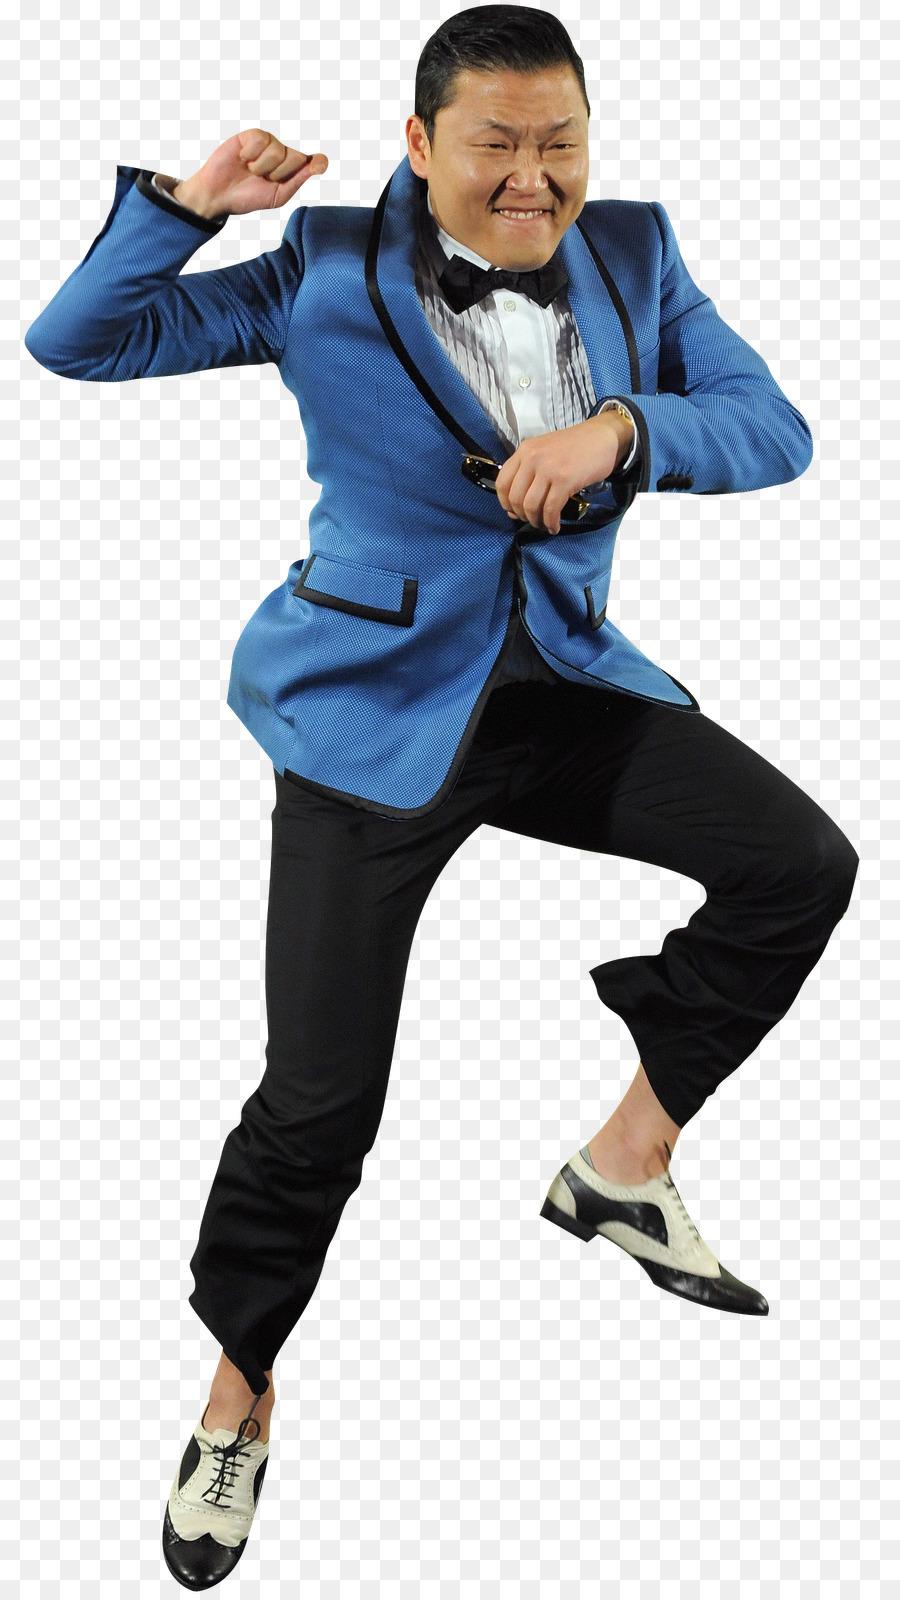 الأحذية Png قصاصة فنية Psy Gangnam Style K البوب الرقص Artes